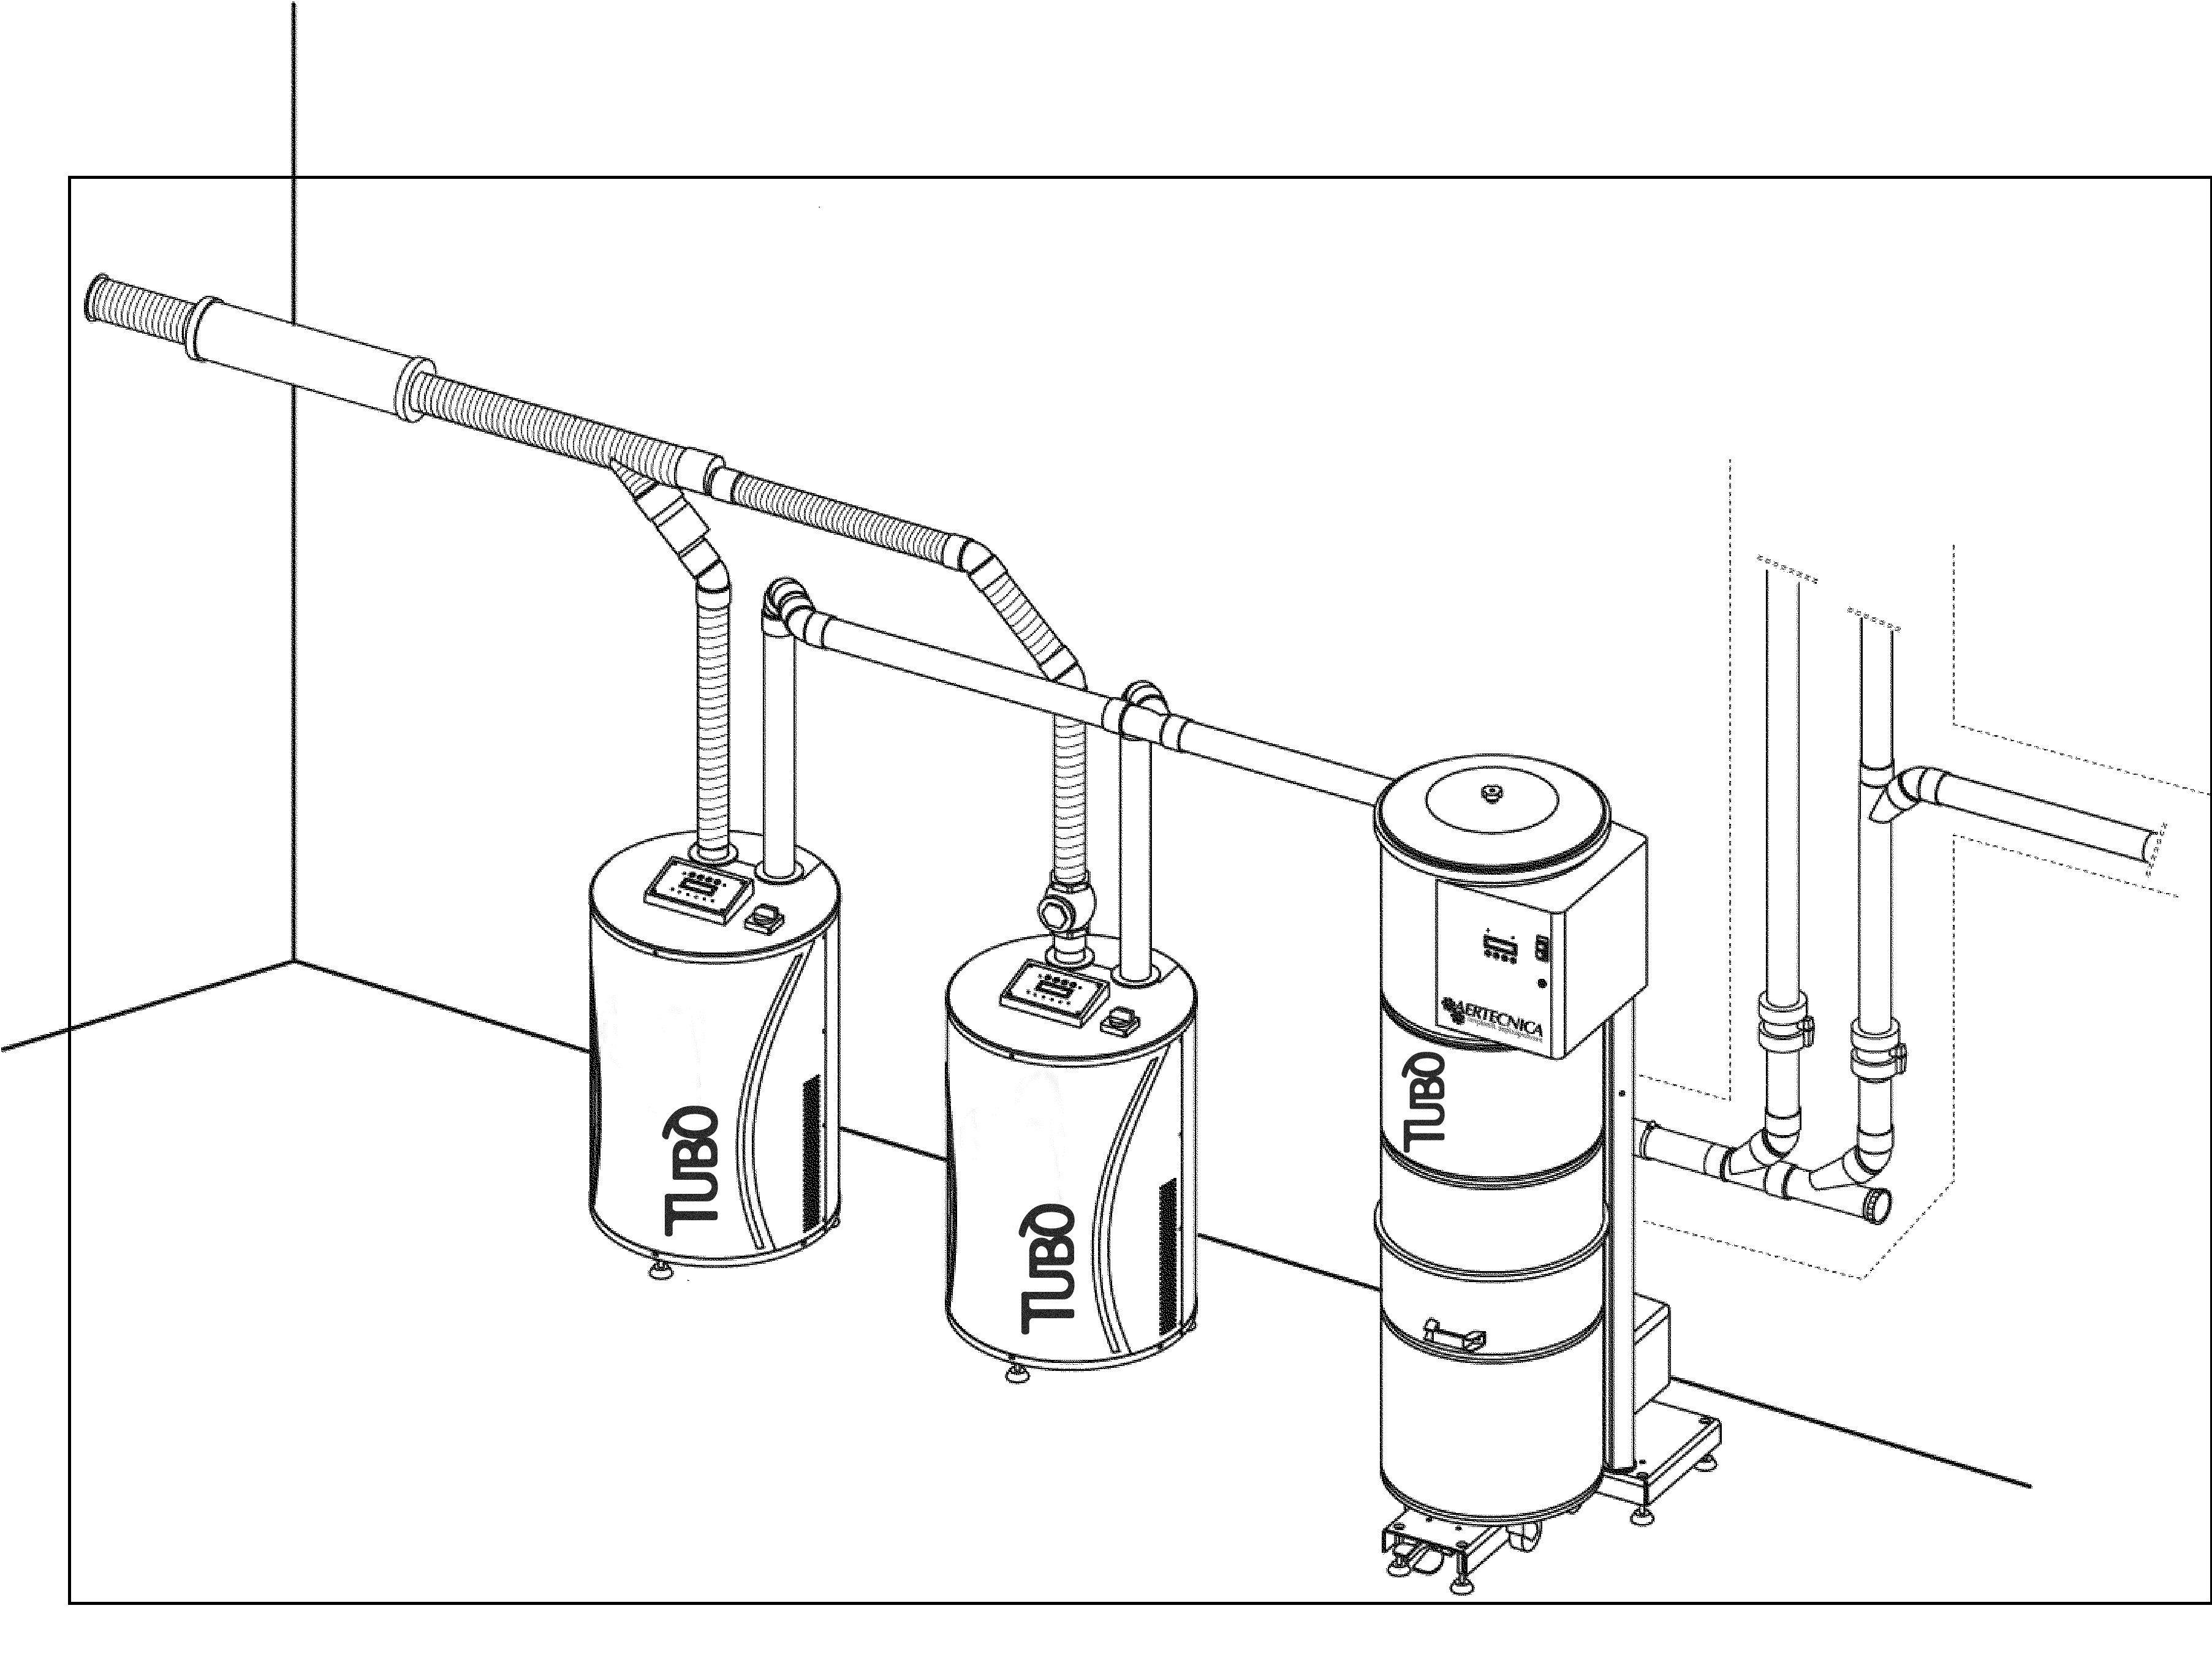 Sistem centralizat de aspiratie pentru uz industrial TUBO - Poza 7